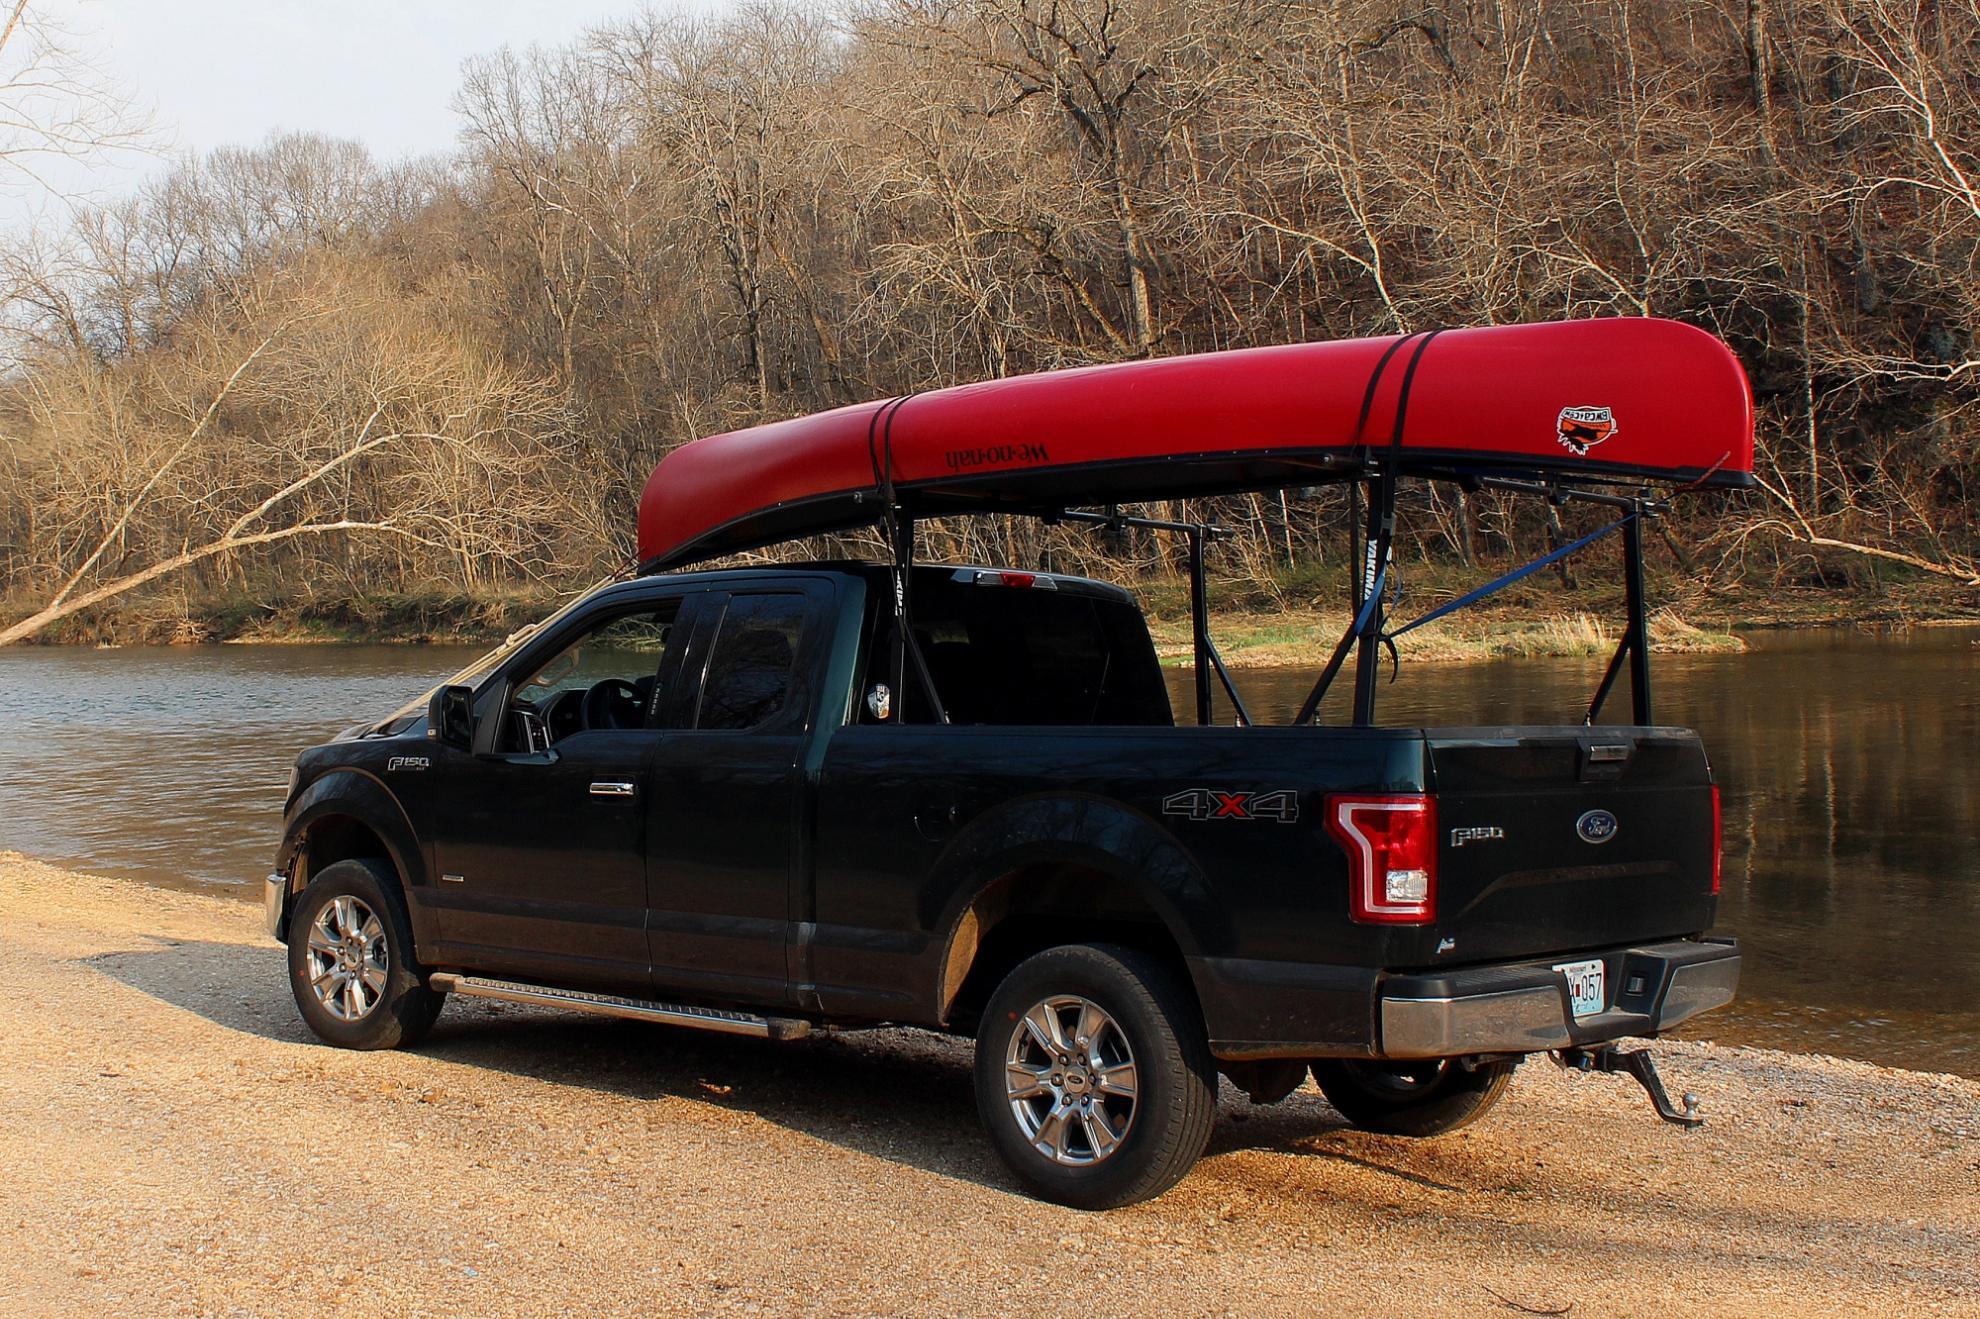 bwca canoe tie down straps boundary